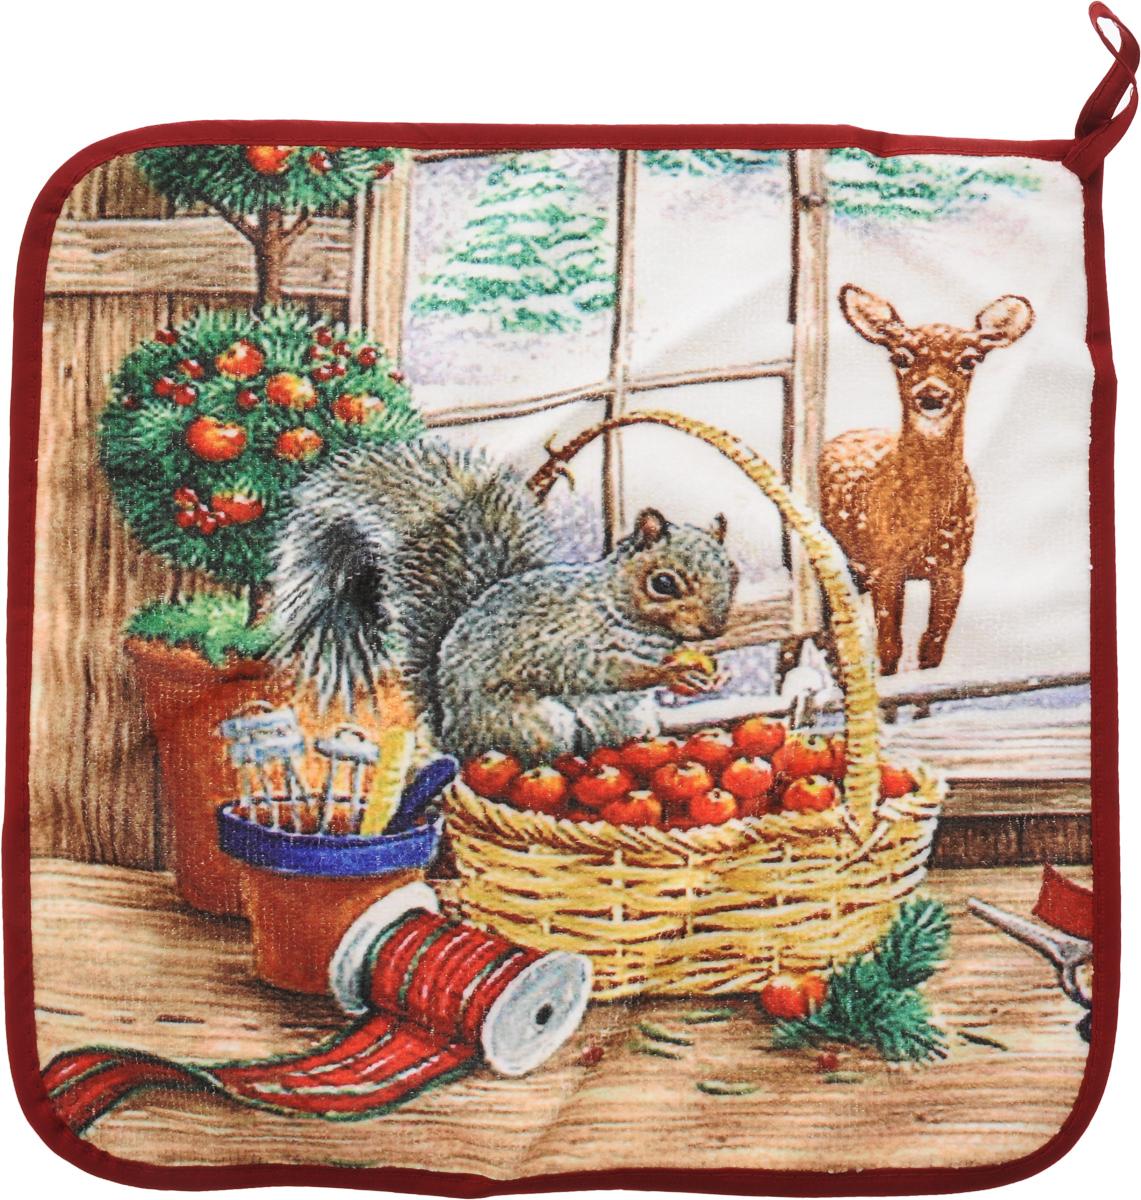 Салфетка кухонная Soavita Новогоднее, 30 х 30 см74717Кухонная салфетка Soavita Новогоднее выполнена из высококачественной микрофибры (80% полиэстер, 20% полиамид) и оснащена петелькой для подвешивания. Изделие отлично впитывает влагу, быстро сохнет, сохраняет яркость цвета и не теряет форму даже после многократных стирок. Салфетка очень практична и неприхотлива в уходе. Она создаст прекрасное настроение и украсит интерьер вашей кухни.